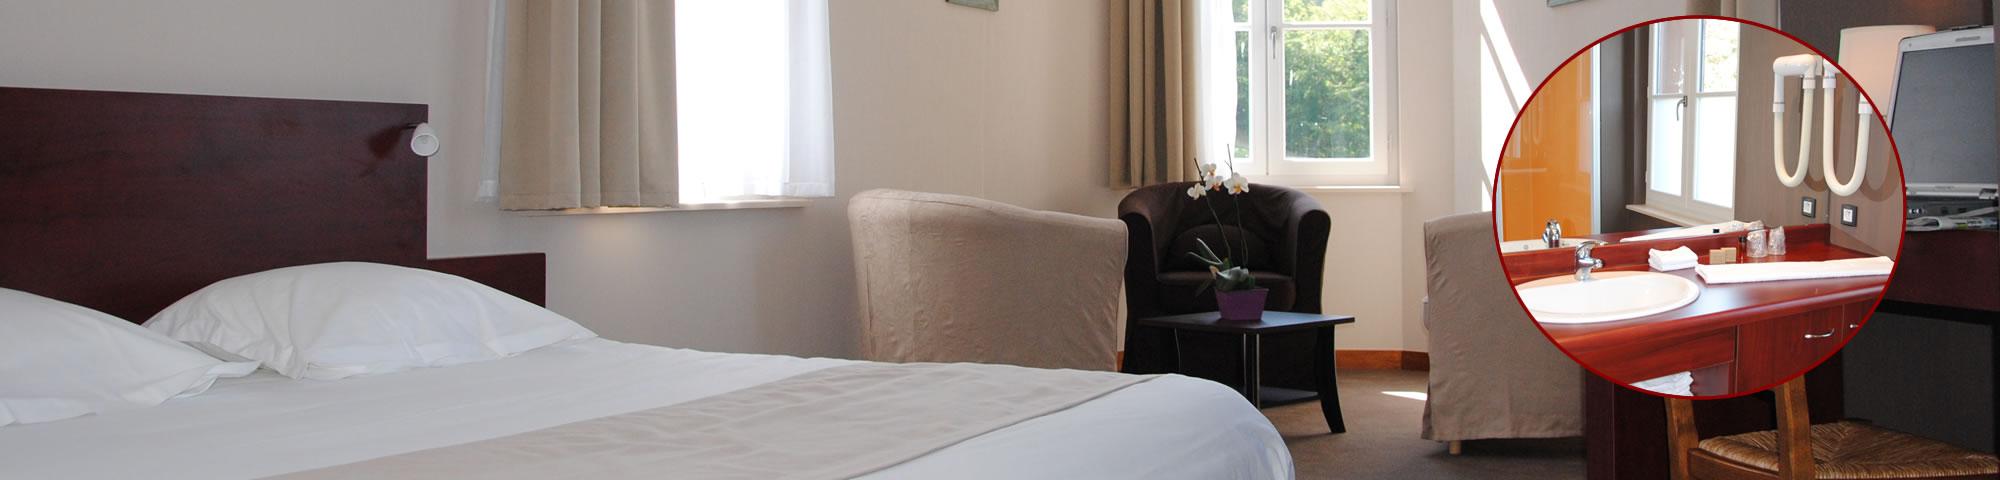 Chambre superieure hôtel la potinière Bagnoles de l'Orne Normandie